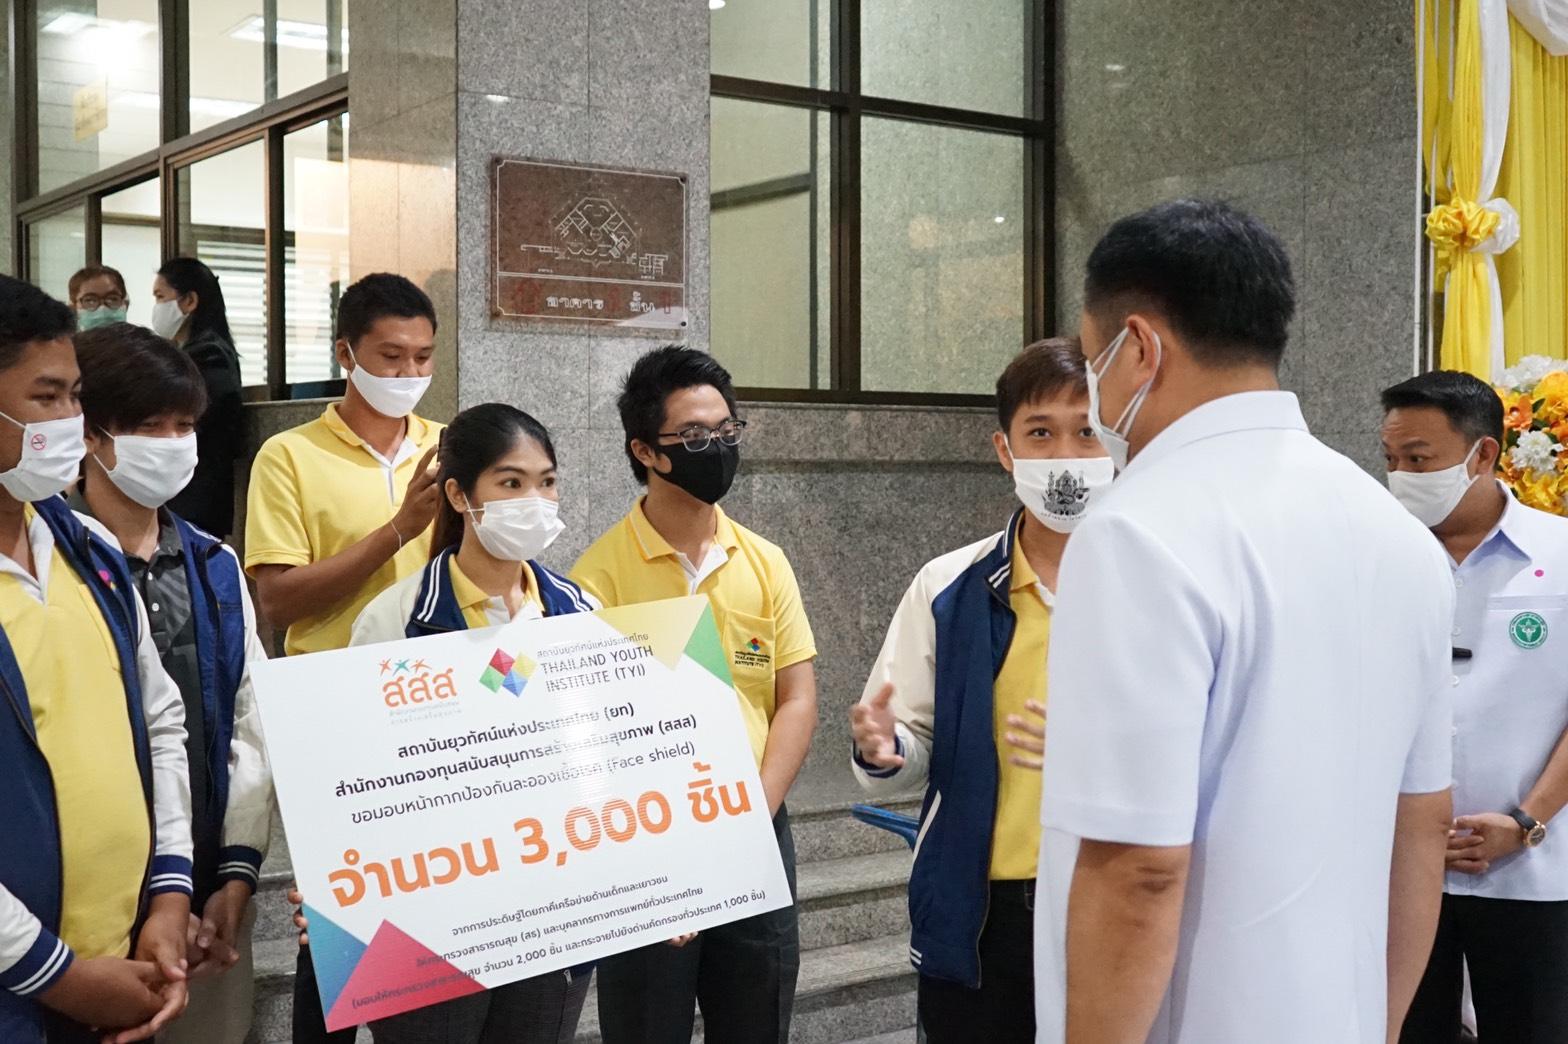 อนุทิน รับมอบ Face shield จากสถาบันยุวทัศน์ฯ thaihealth